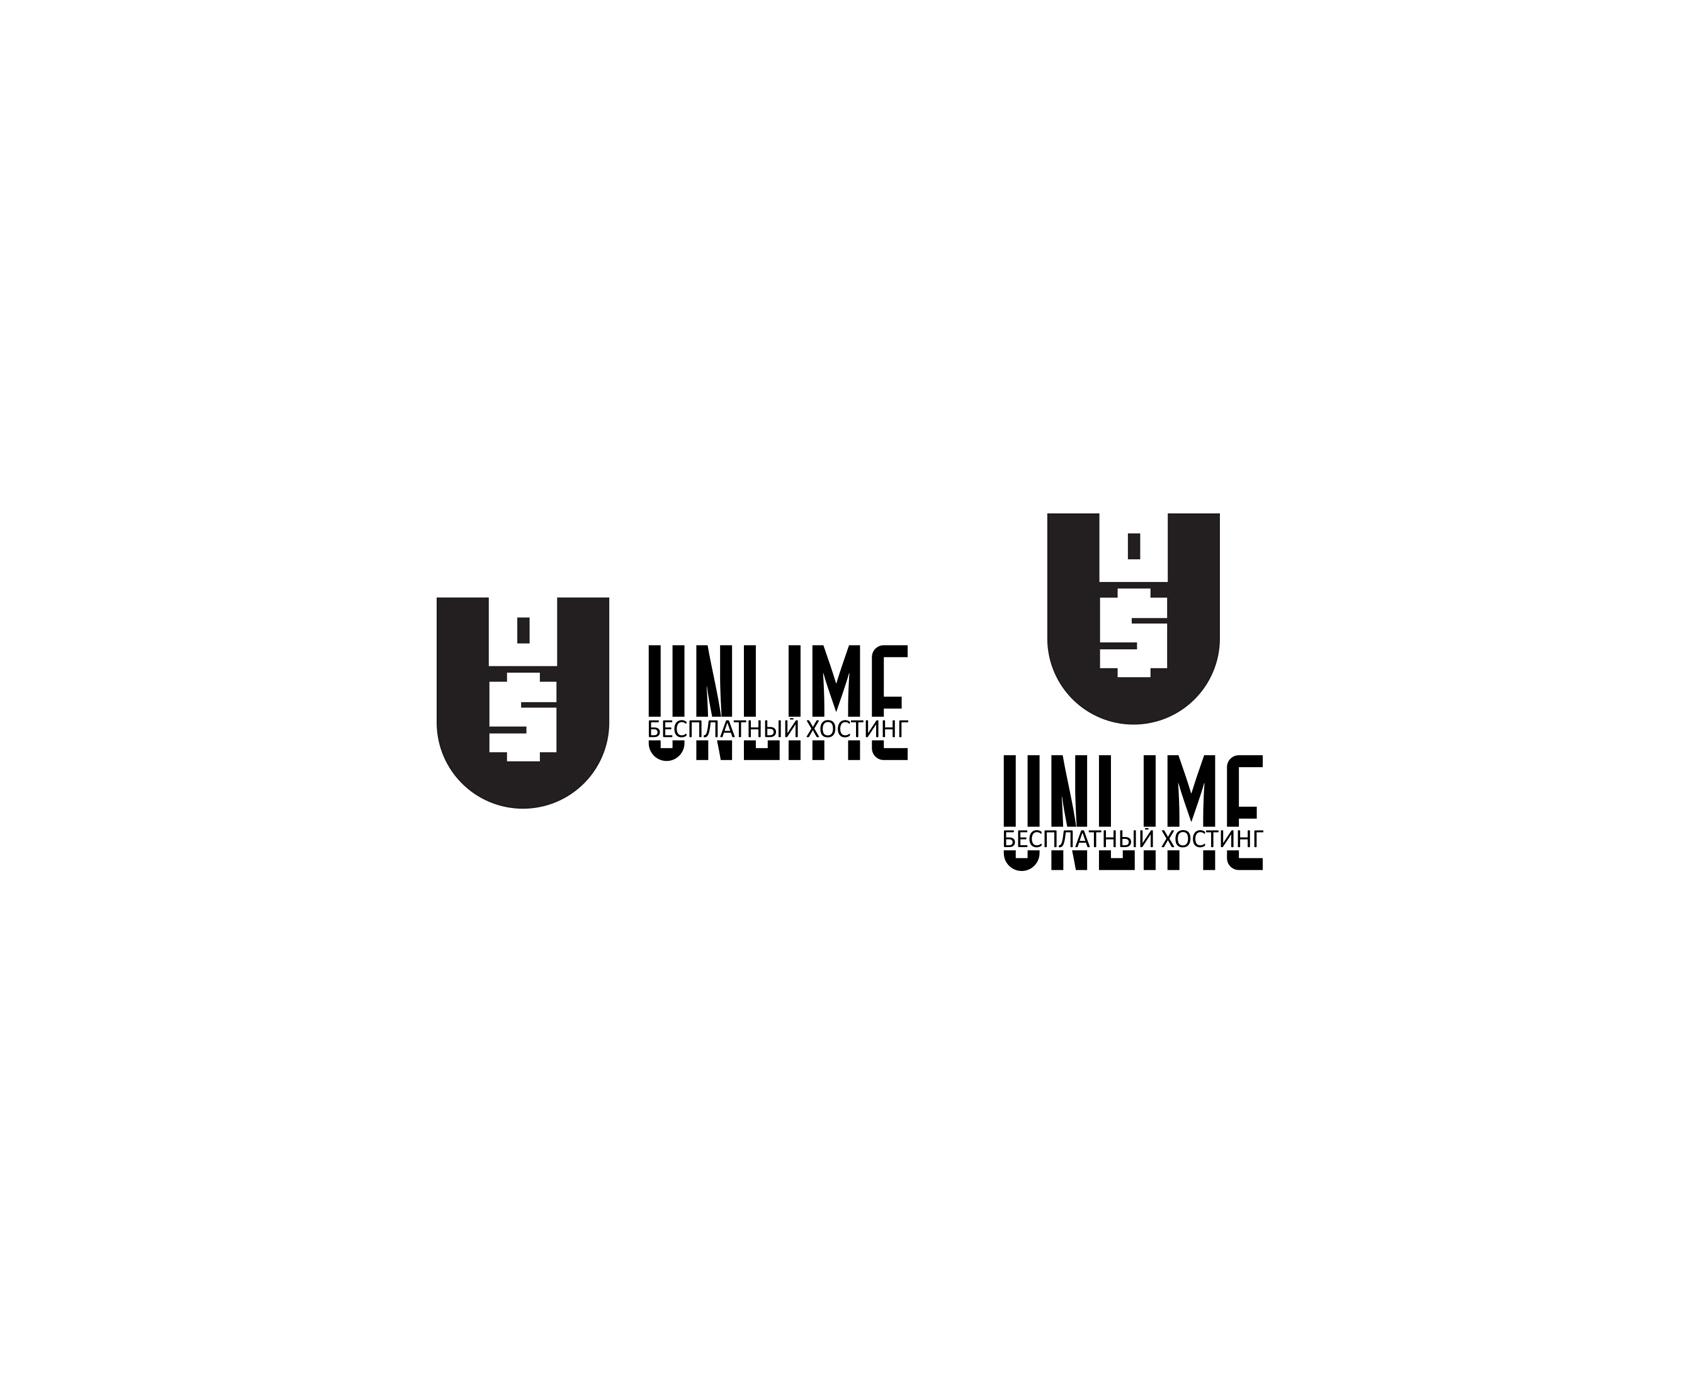 Разработка логотипа и фирменного стиля фото f_231594d5131b2da9.jpg